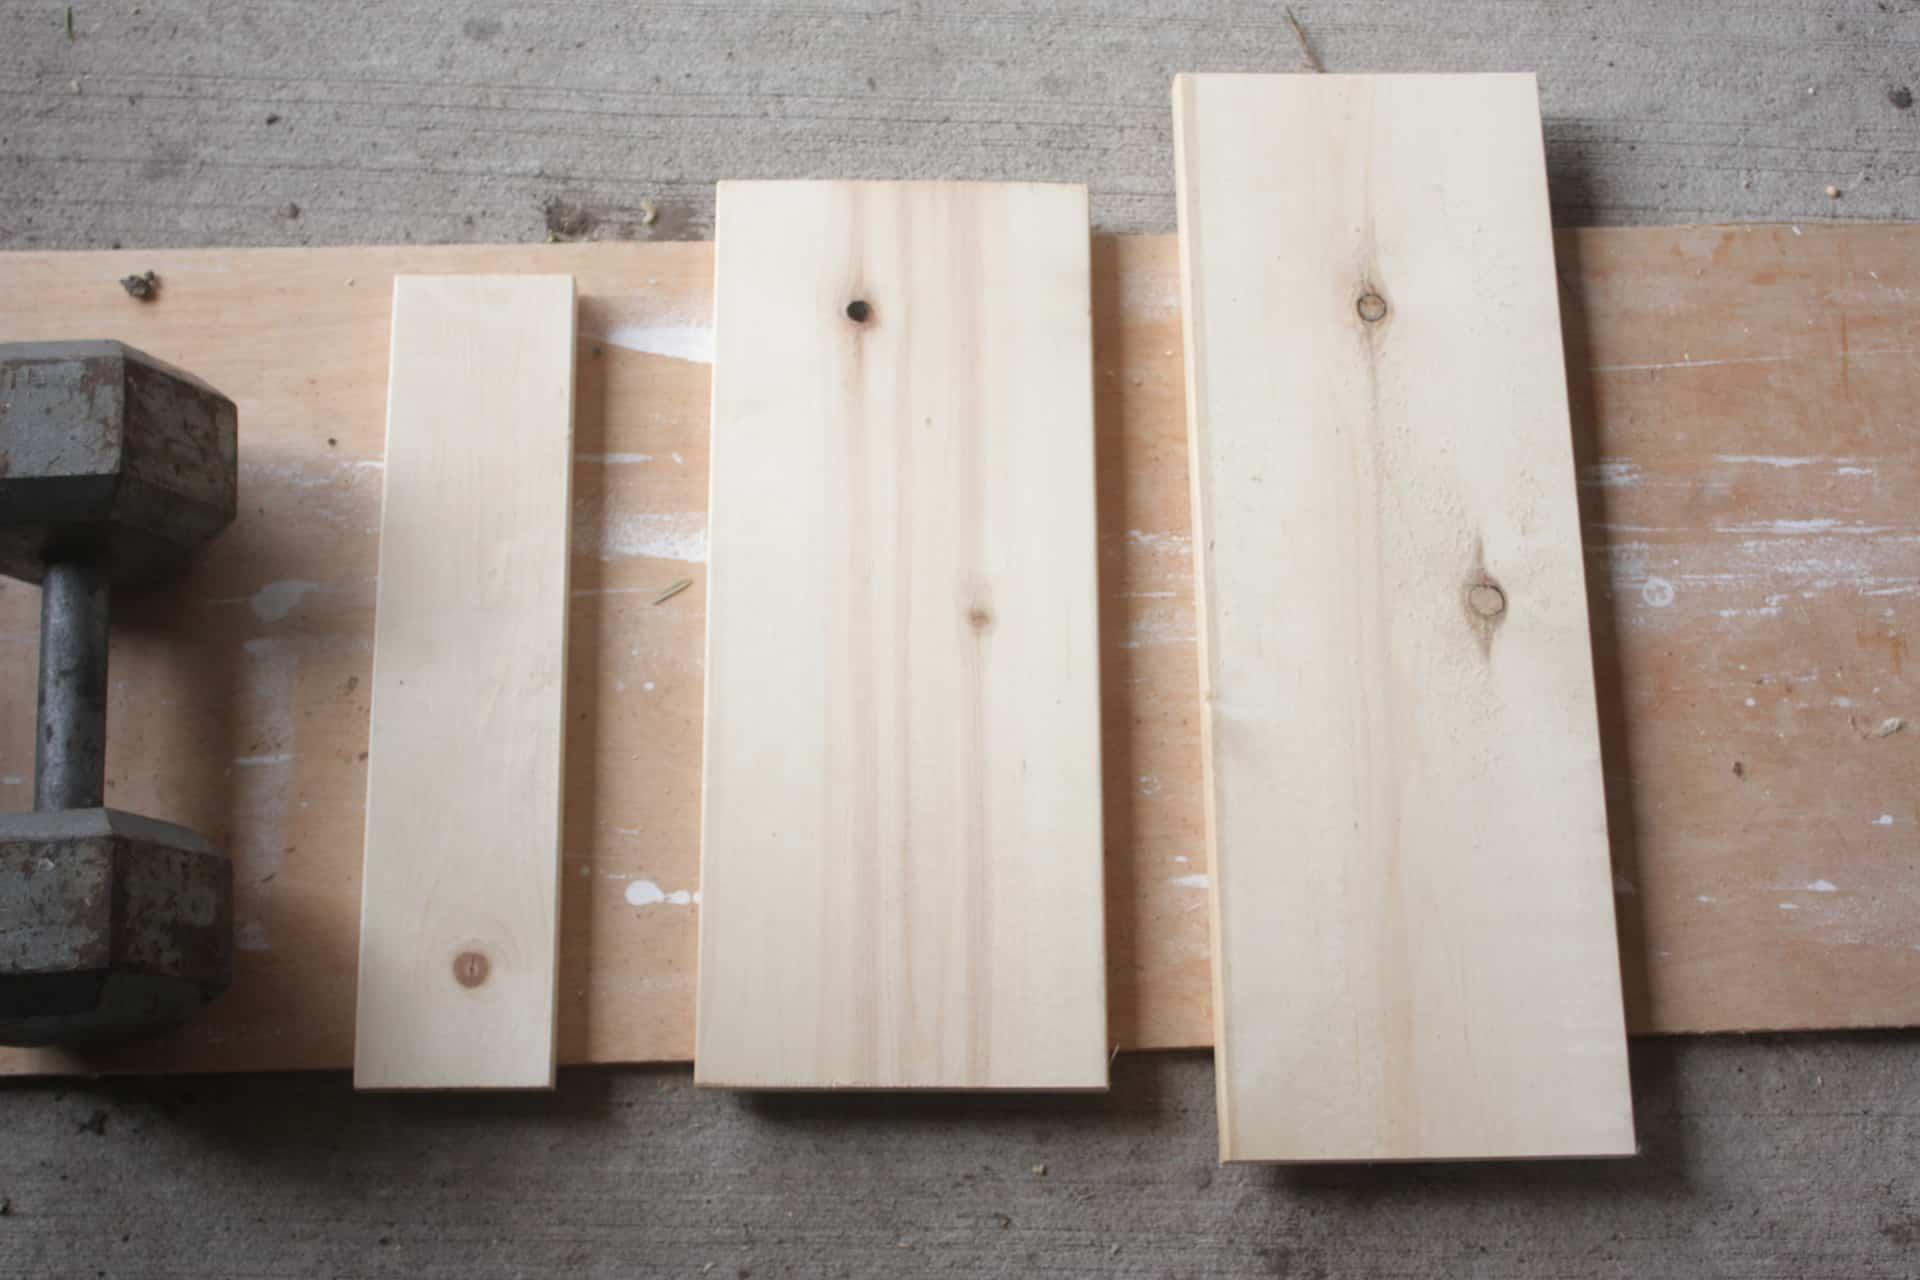 Wood needed to build the wooden deer